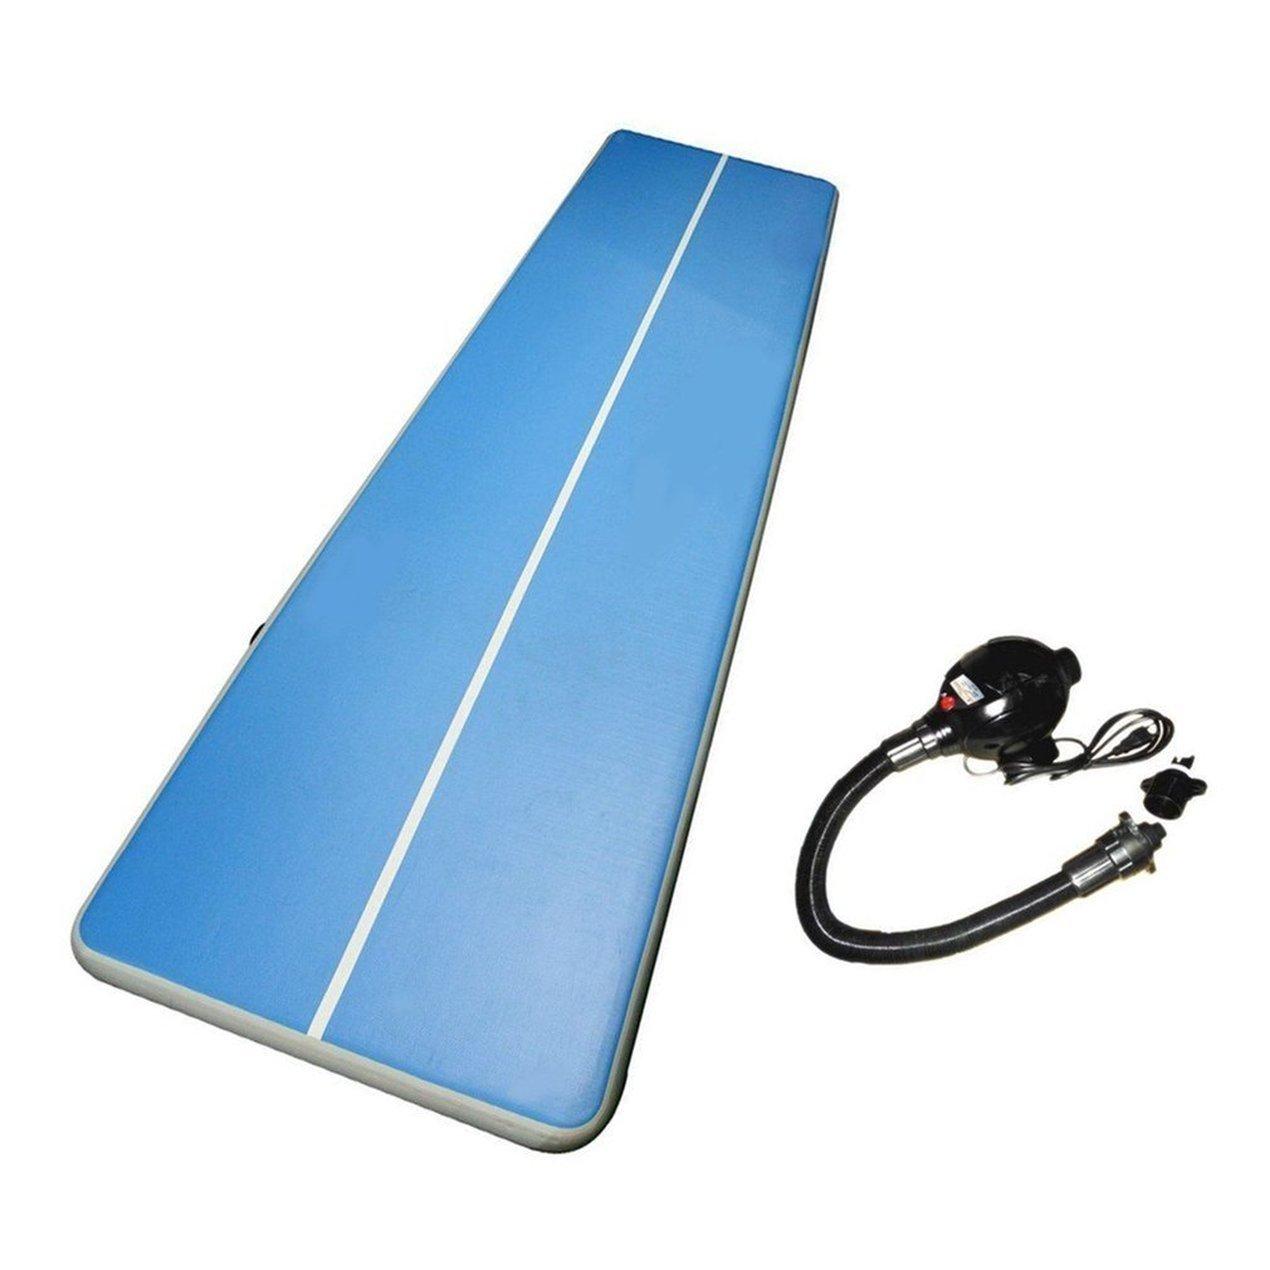 Luft-Bett mit Pumpen-aufblasbarer Luftmatratze Taekwondo-Gymnastik-Luft-Bett-Raumersparnis-Luft Tumbling Matratzen-Bett, Anti-Beleg-sicherer Luftpolster-Boden für Taekwondo Tumbling Gymnastic Yoga